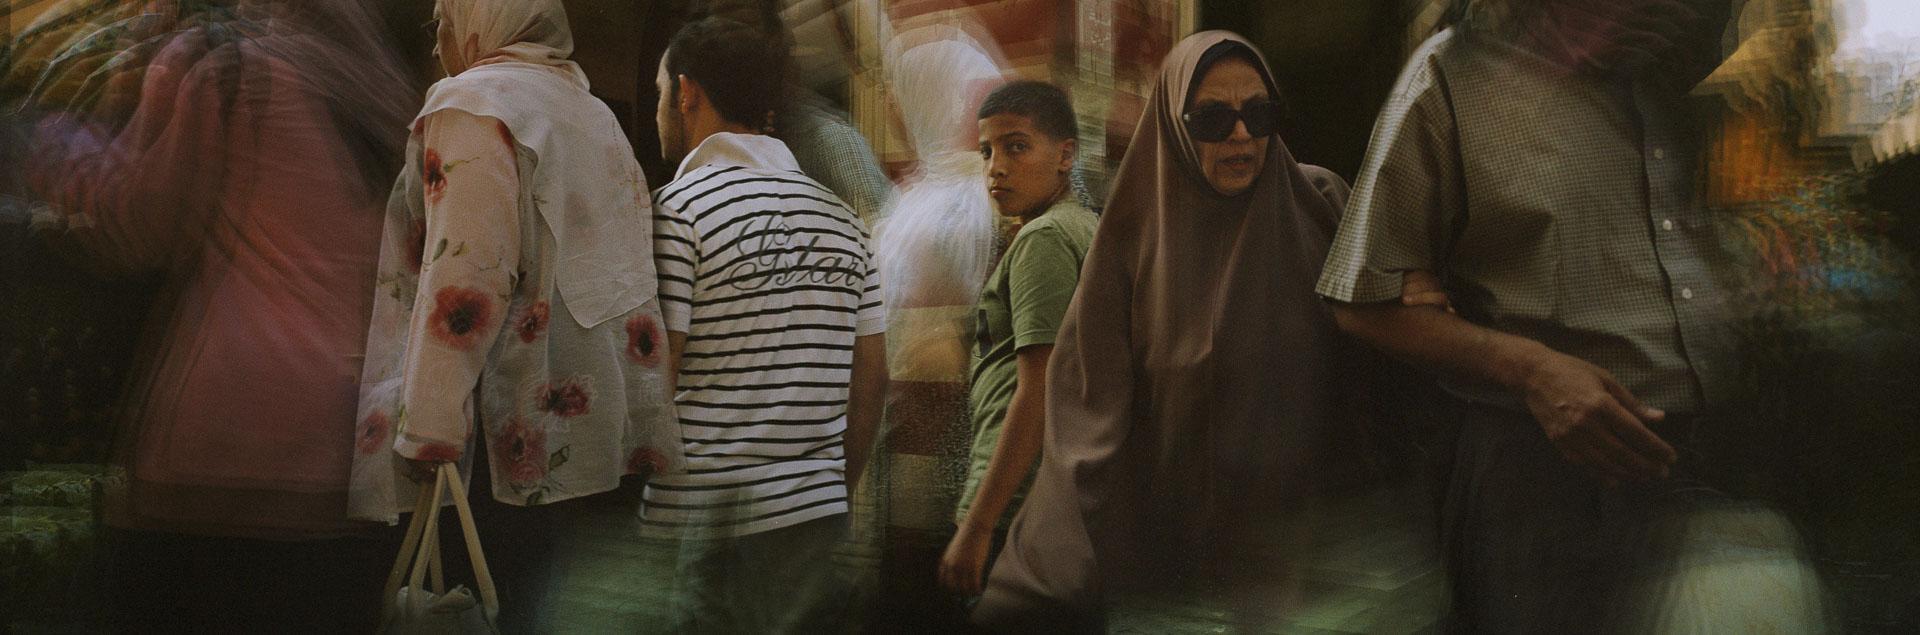 PANORAMICHE IL CAIRO 9 buona